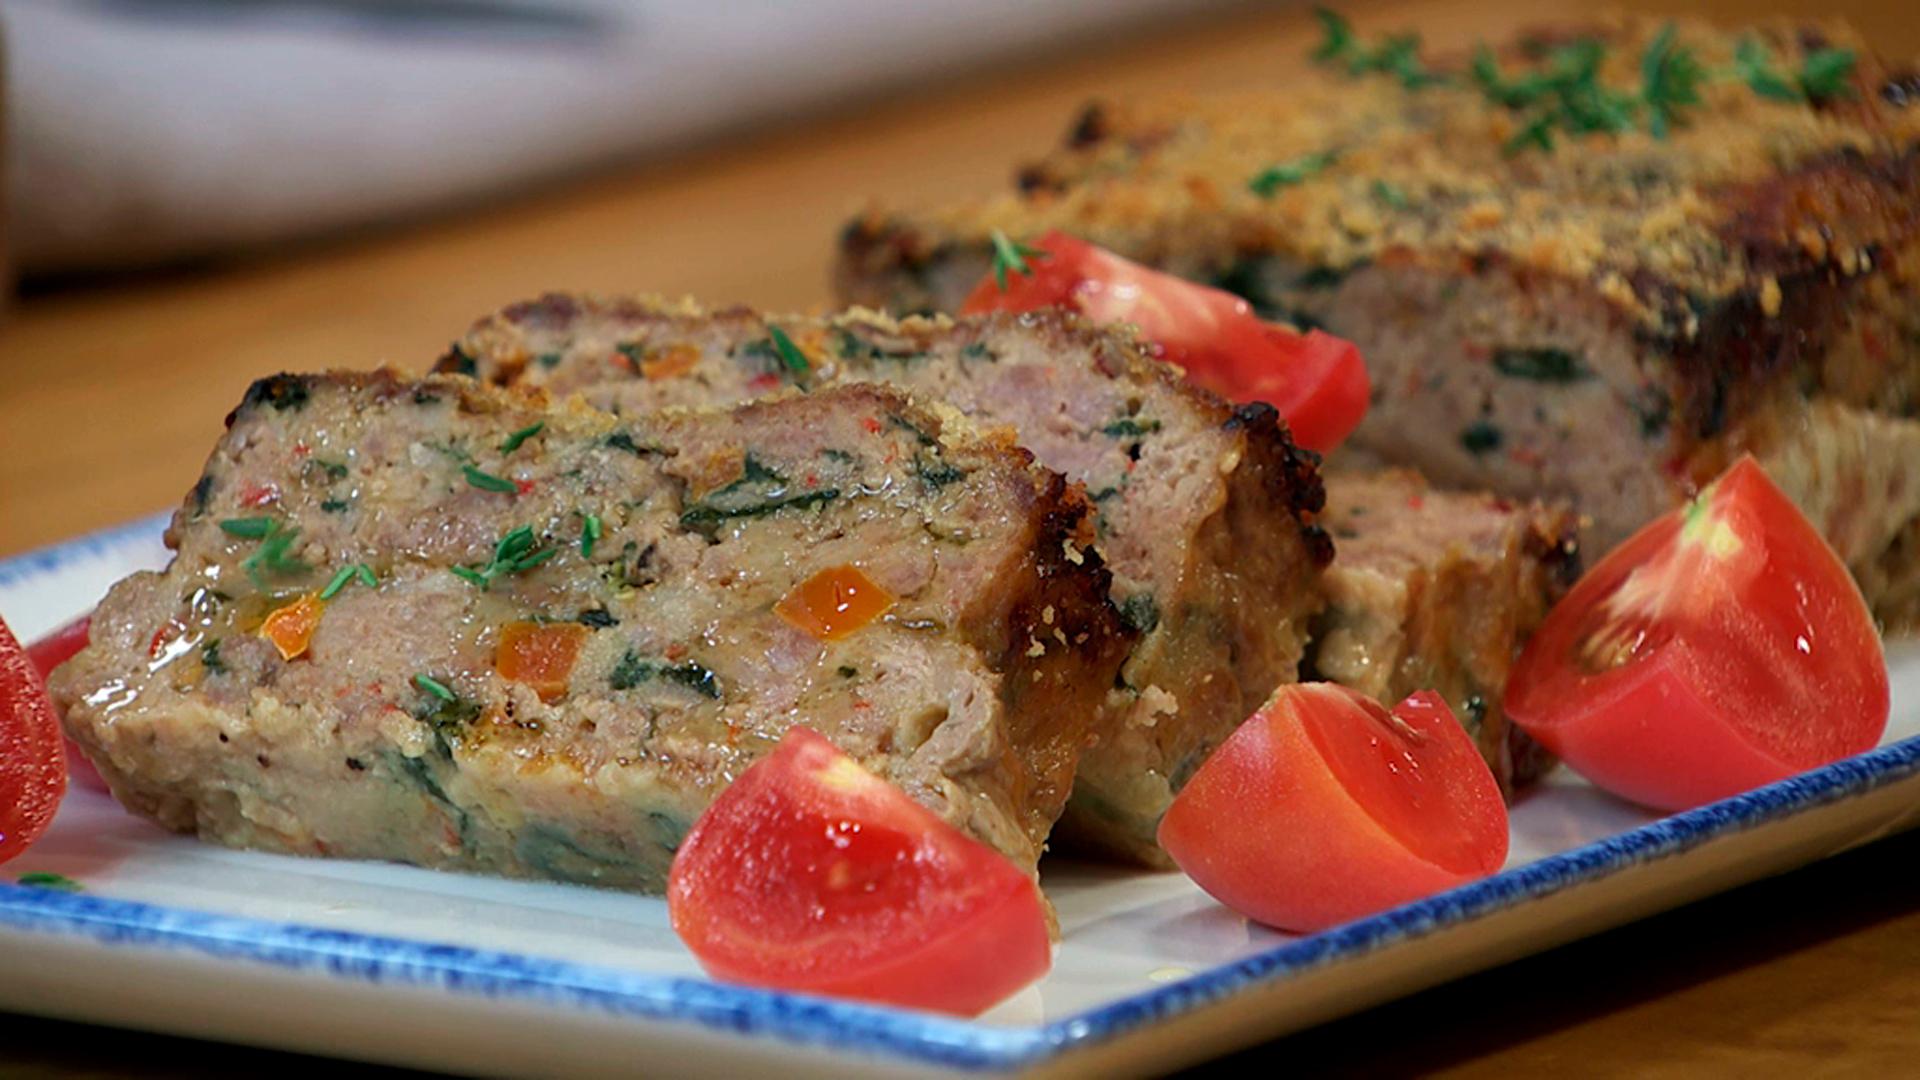 Torres en la cocina - Pastel de carne